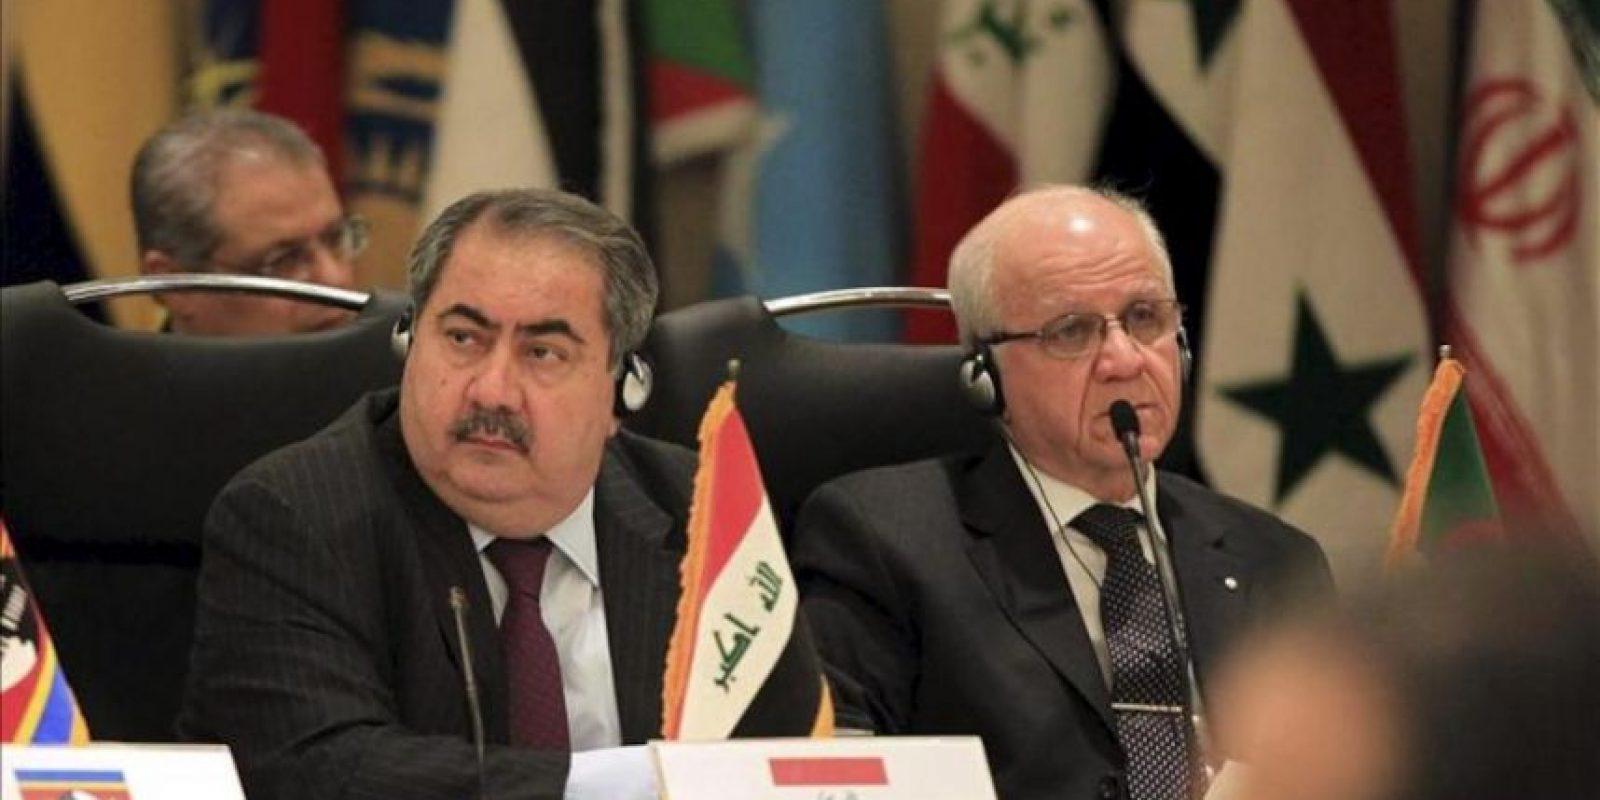 El ministro iraquí de Exteriores, Hoshyar Zebari (izda), asiste a la ceremonia de inauguración de la Conferencia Internacional sobre la Situación Siria en Teherán (Irán). EFE